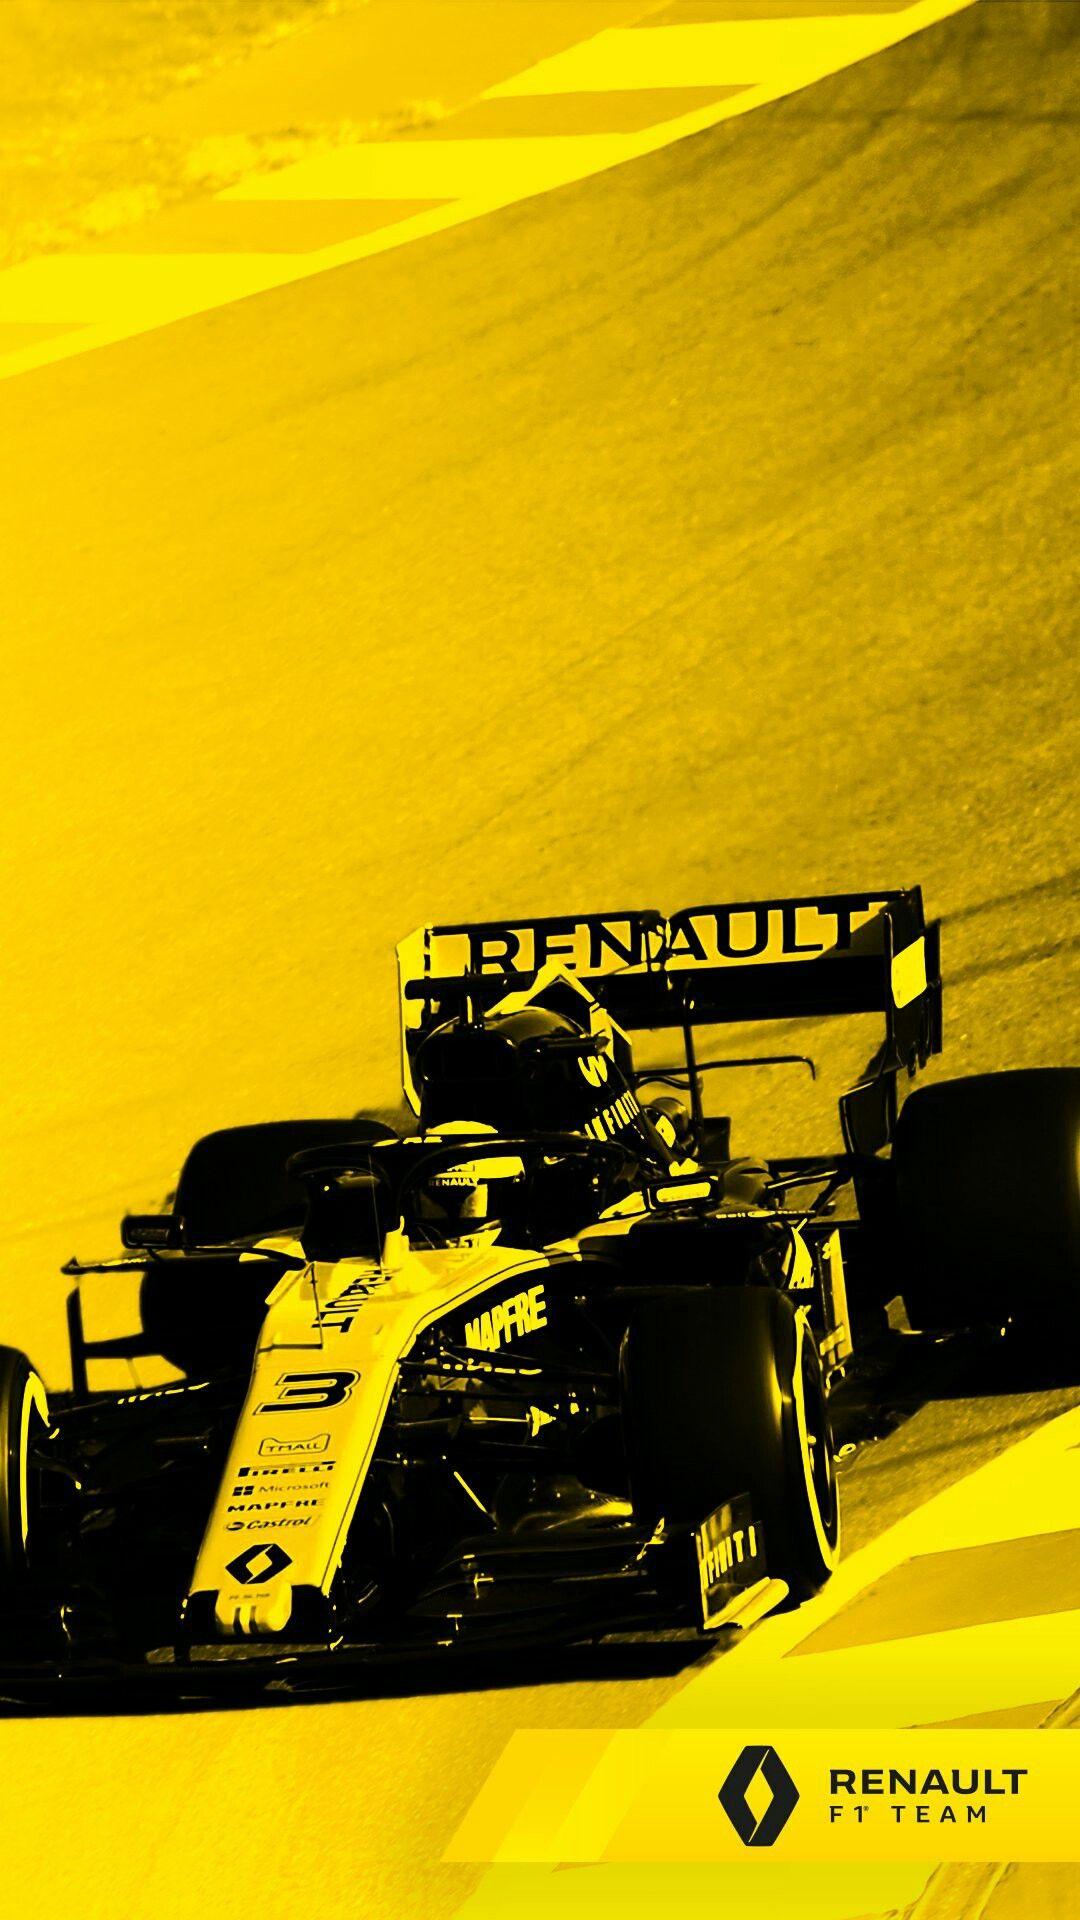 Renault F1 Team Wallpaper Coches Y Motocicletas Coches De